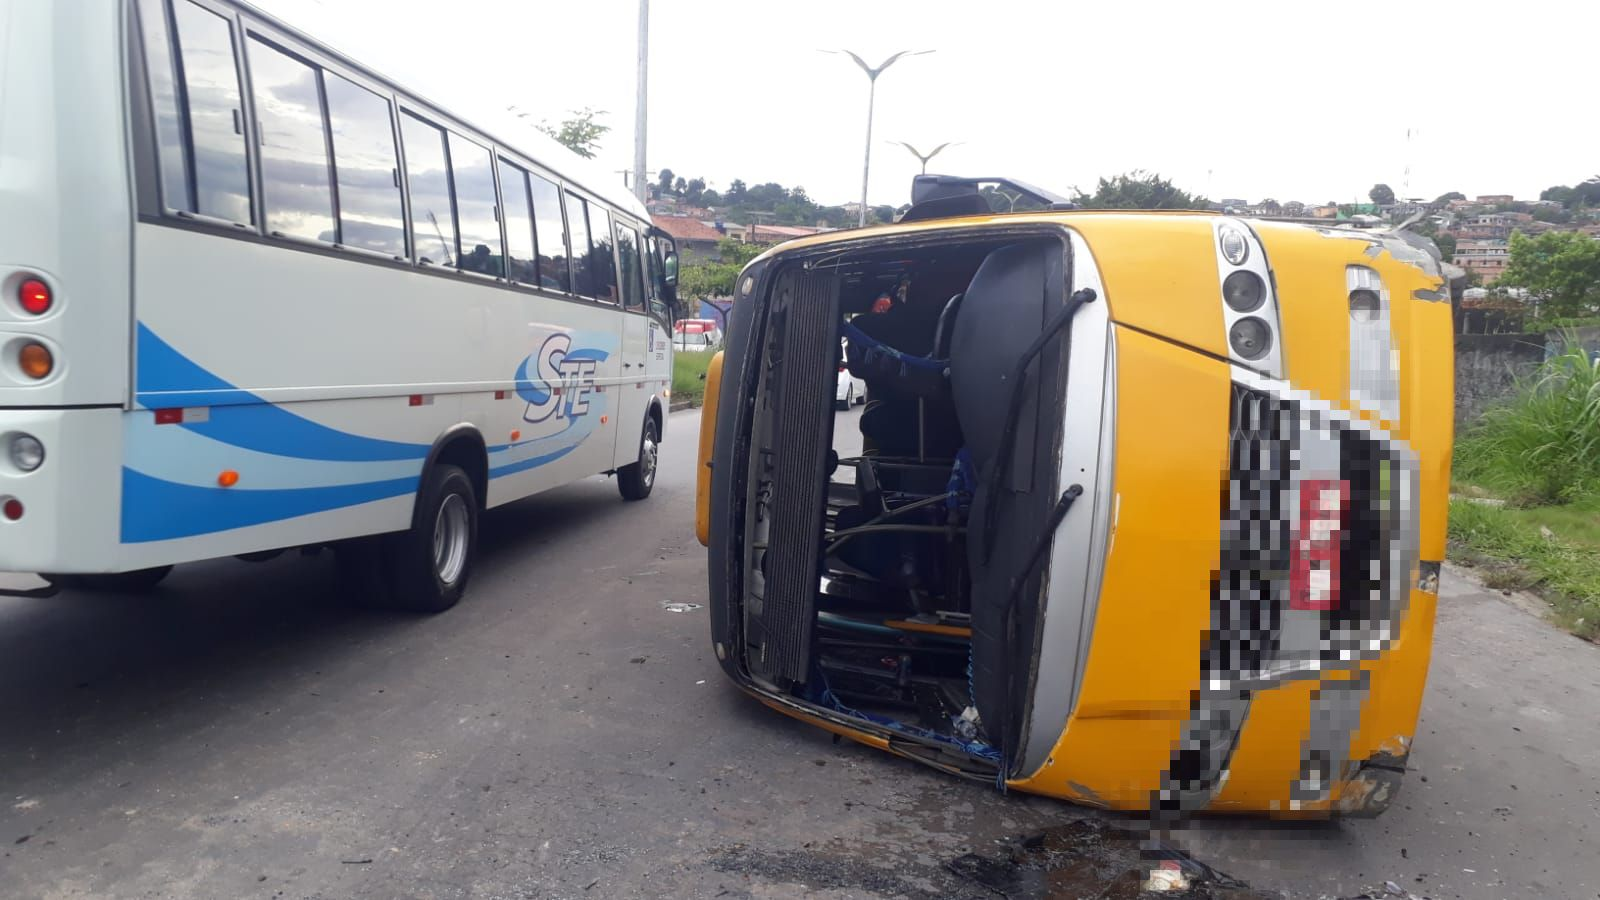 Manaus: Micro-ônibus tomba ao tentar fazer ultrapassagem em alta velocidade na Avenida Margarita – Vídeo